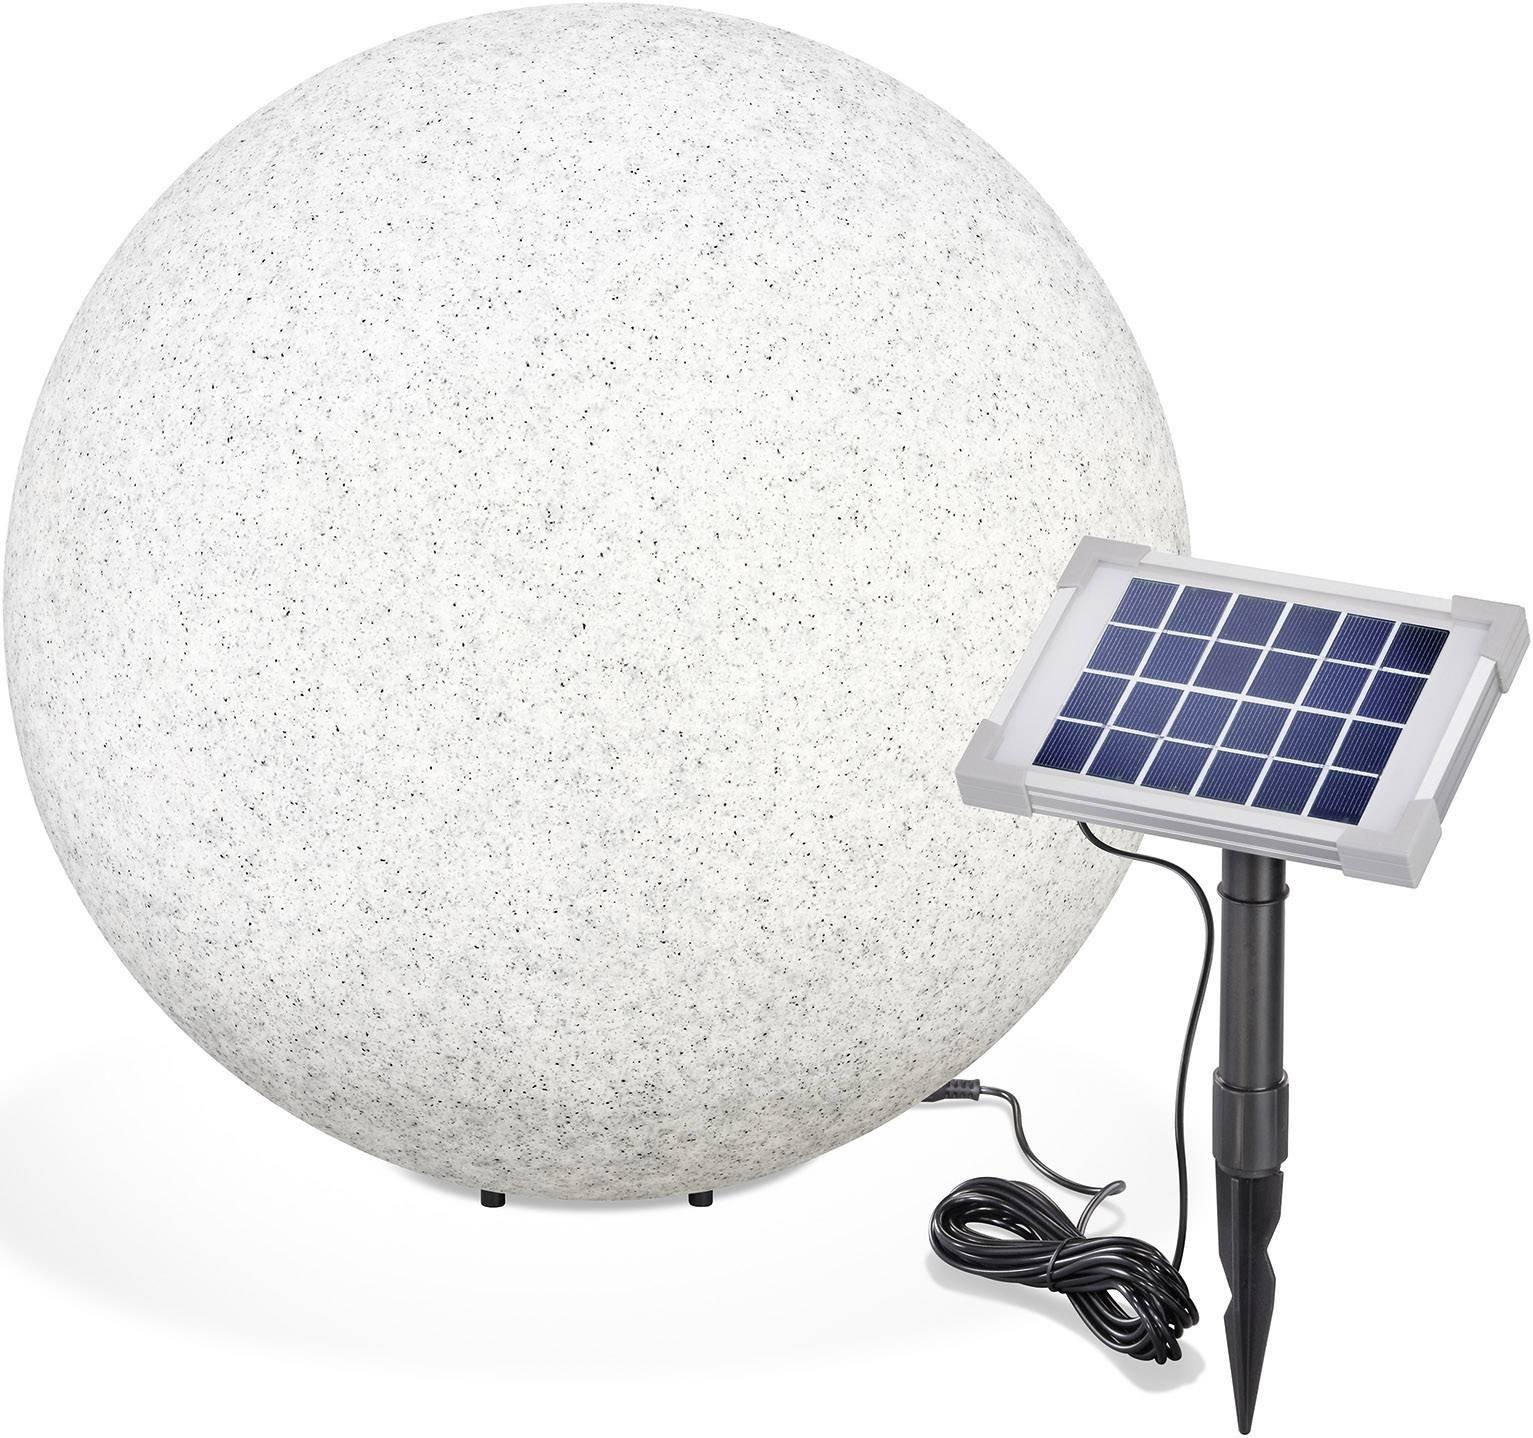 Kabellose LED-Solarkugel Solarleuchte Gartenleuchte Kugelleuchte Gartenkugel